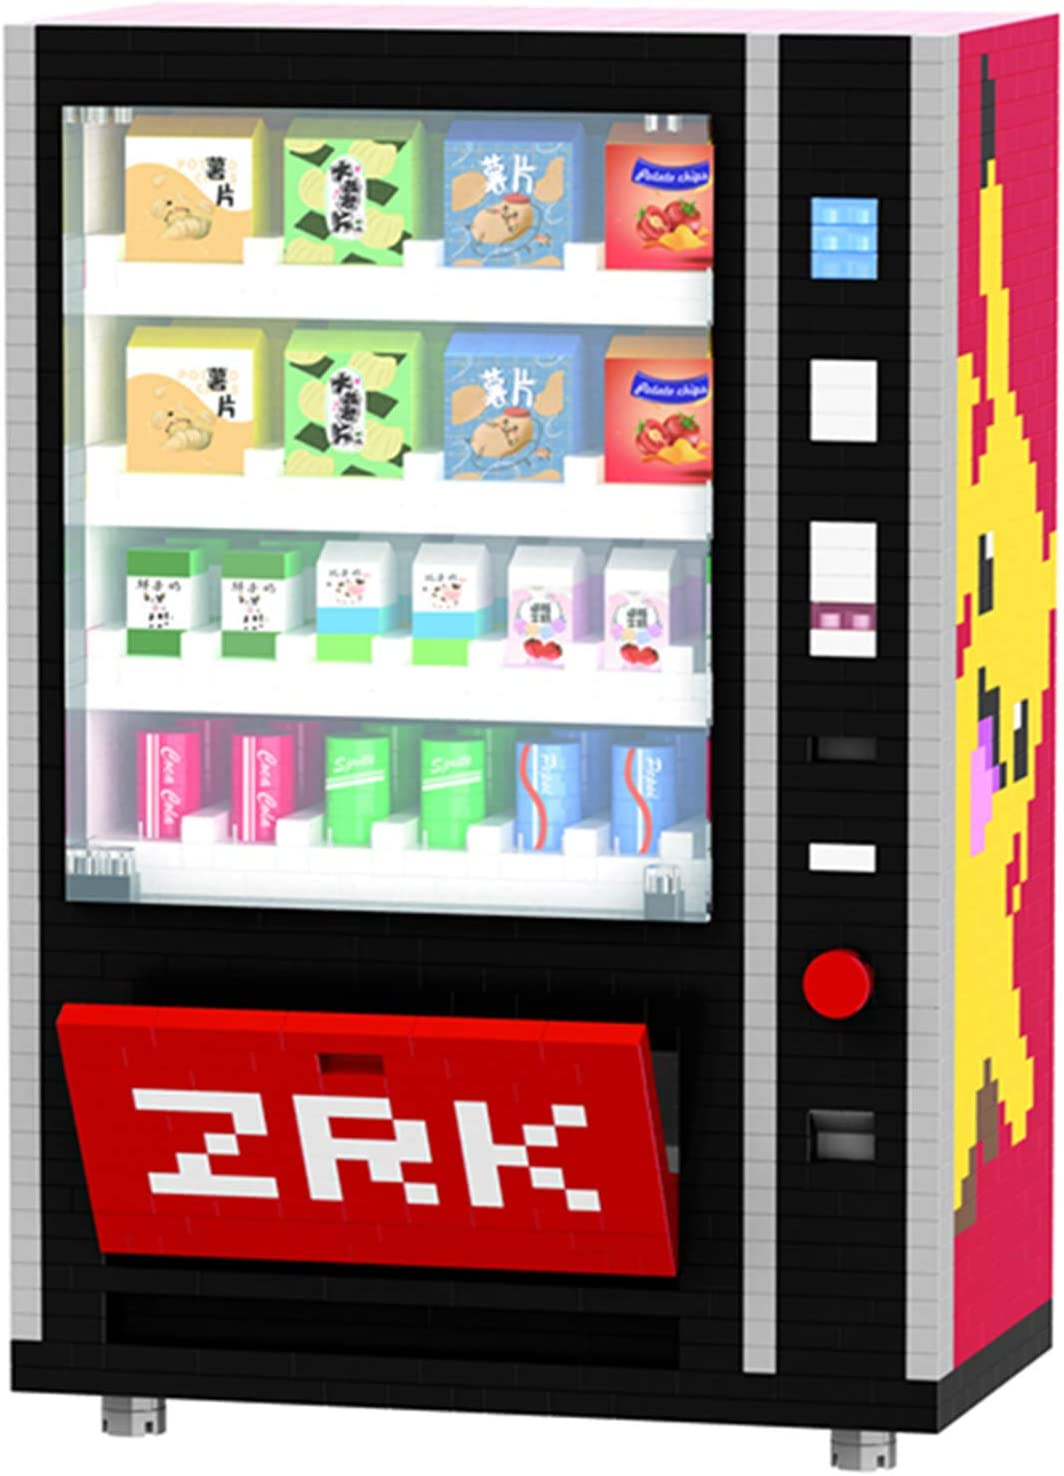 FJJF Mini Máquina Expendedora Bloques De Construcción Los Accesorios De La Ciudad De Ladrillos Beben Kits De Caja De Alimentos Establecer Juguetes De Bricolaje para Niños (2560 Unids)